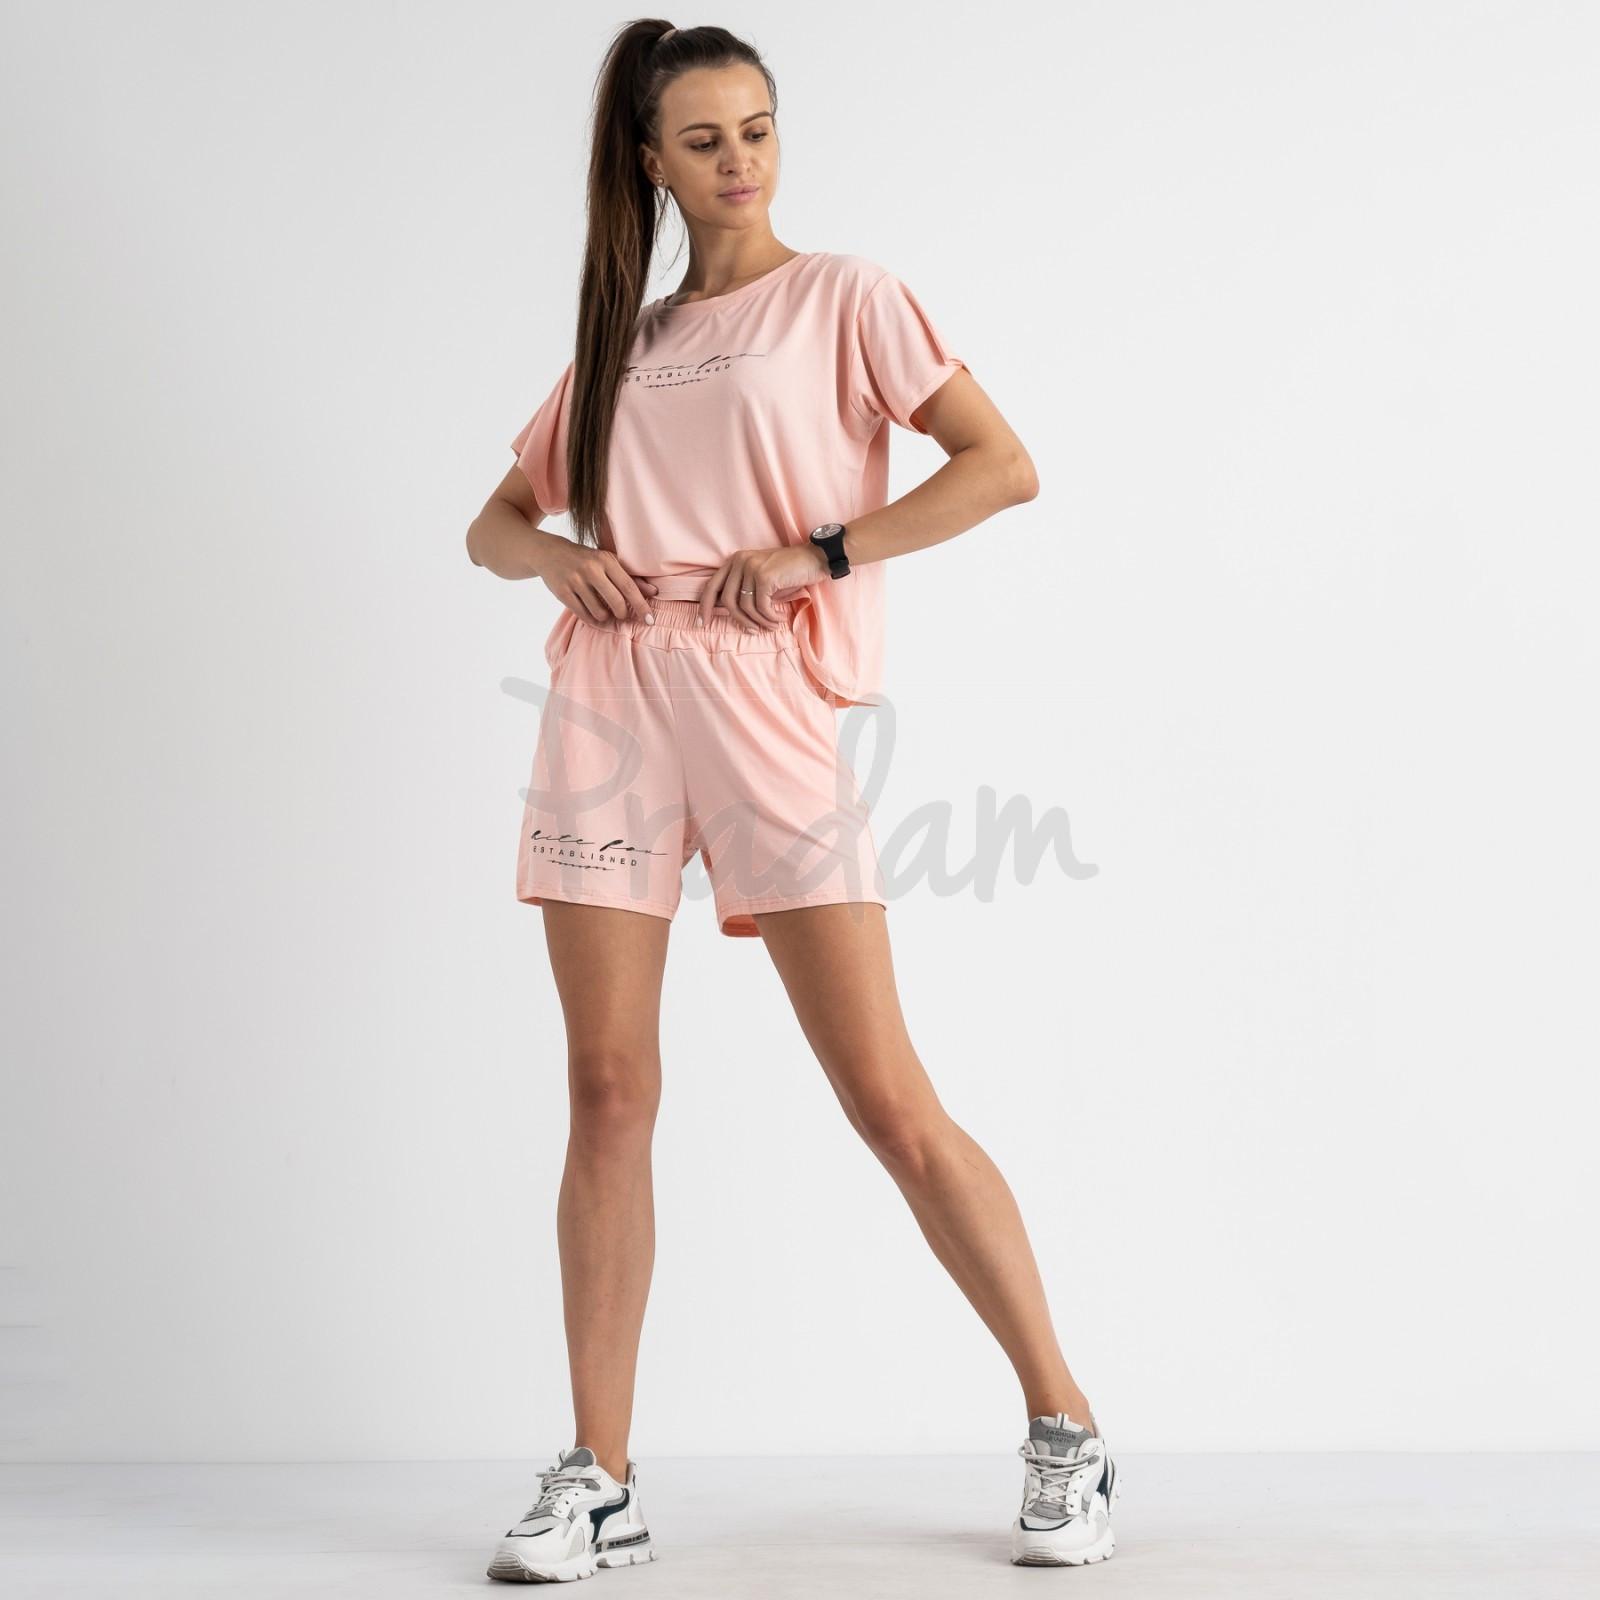 8340-5 светло-розовый женский костюм трикотажный (4 ед. размеры: S.M.L.XL)